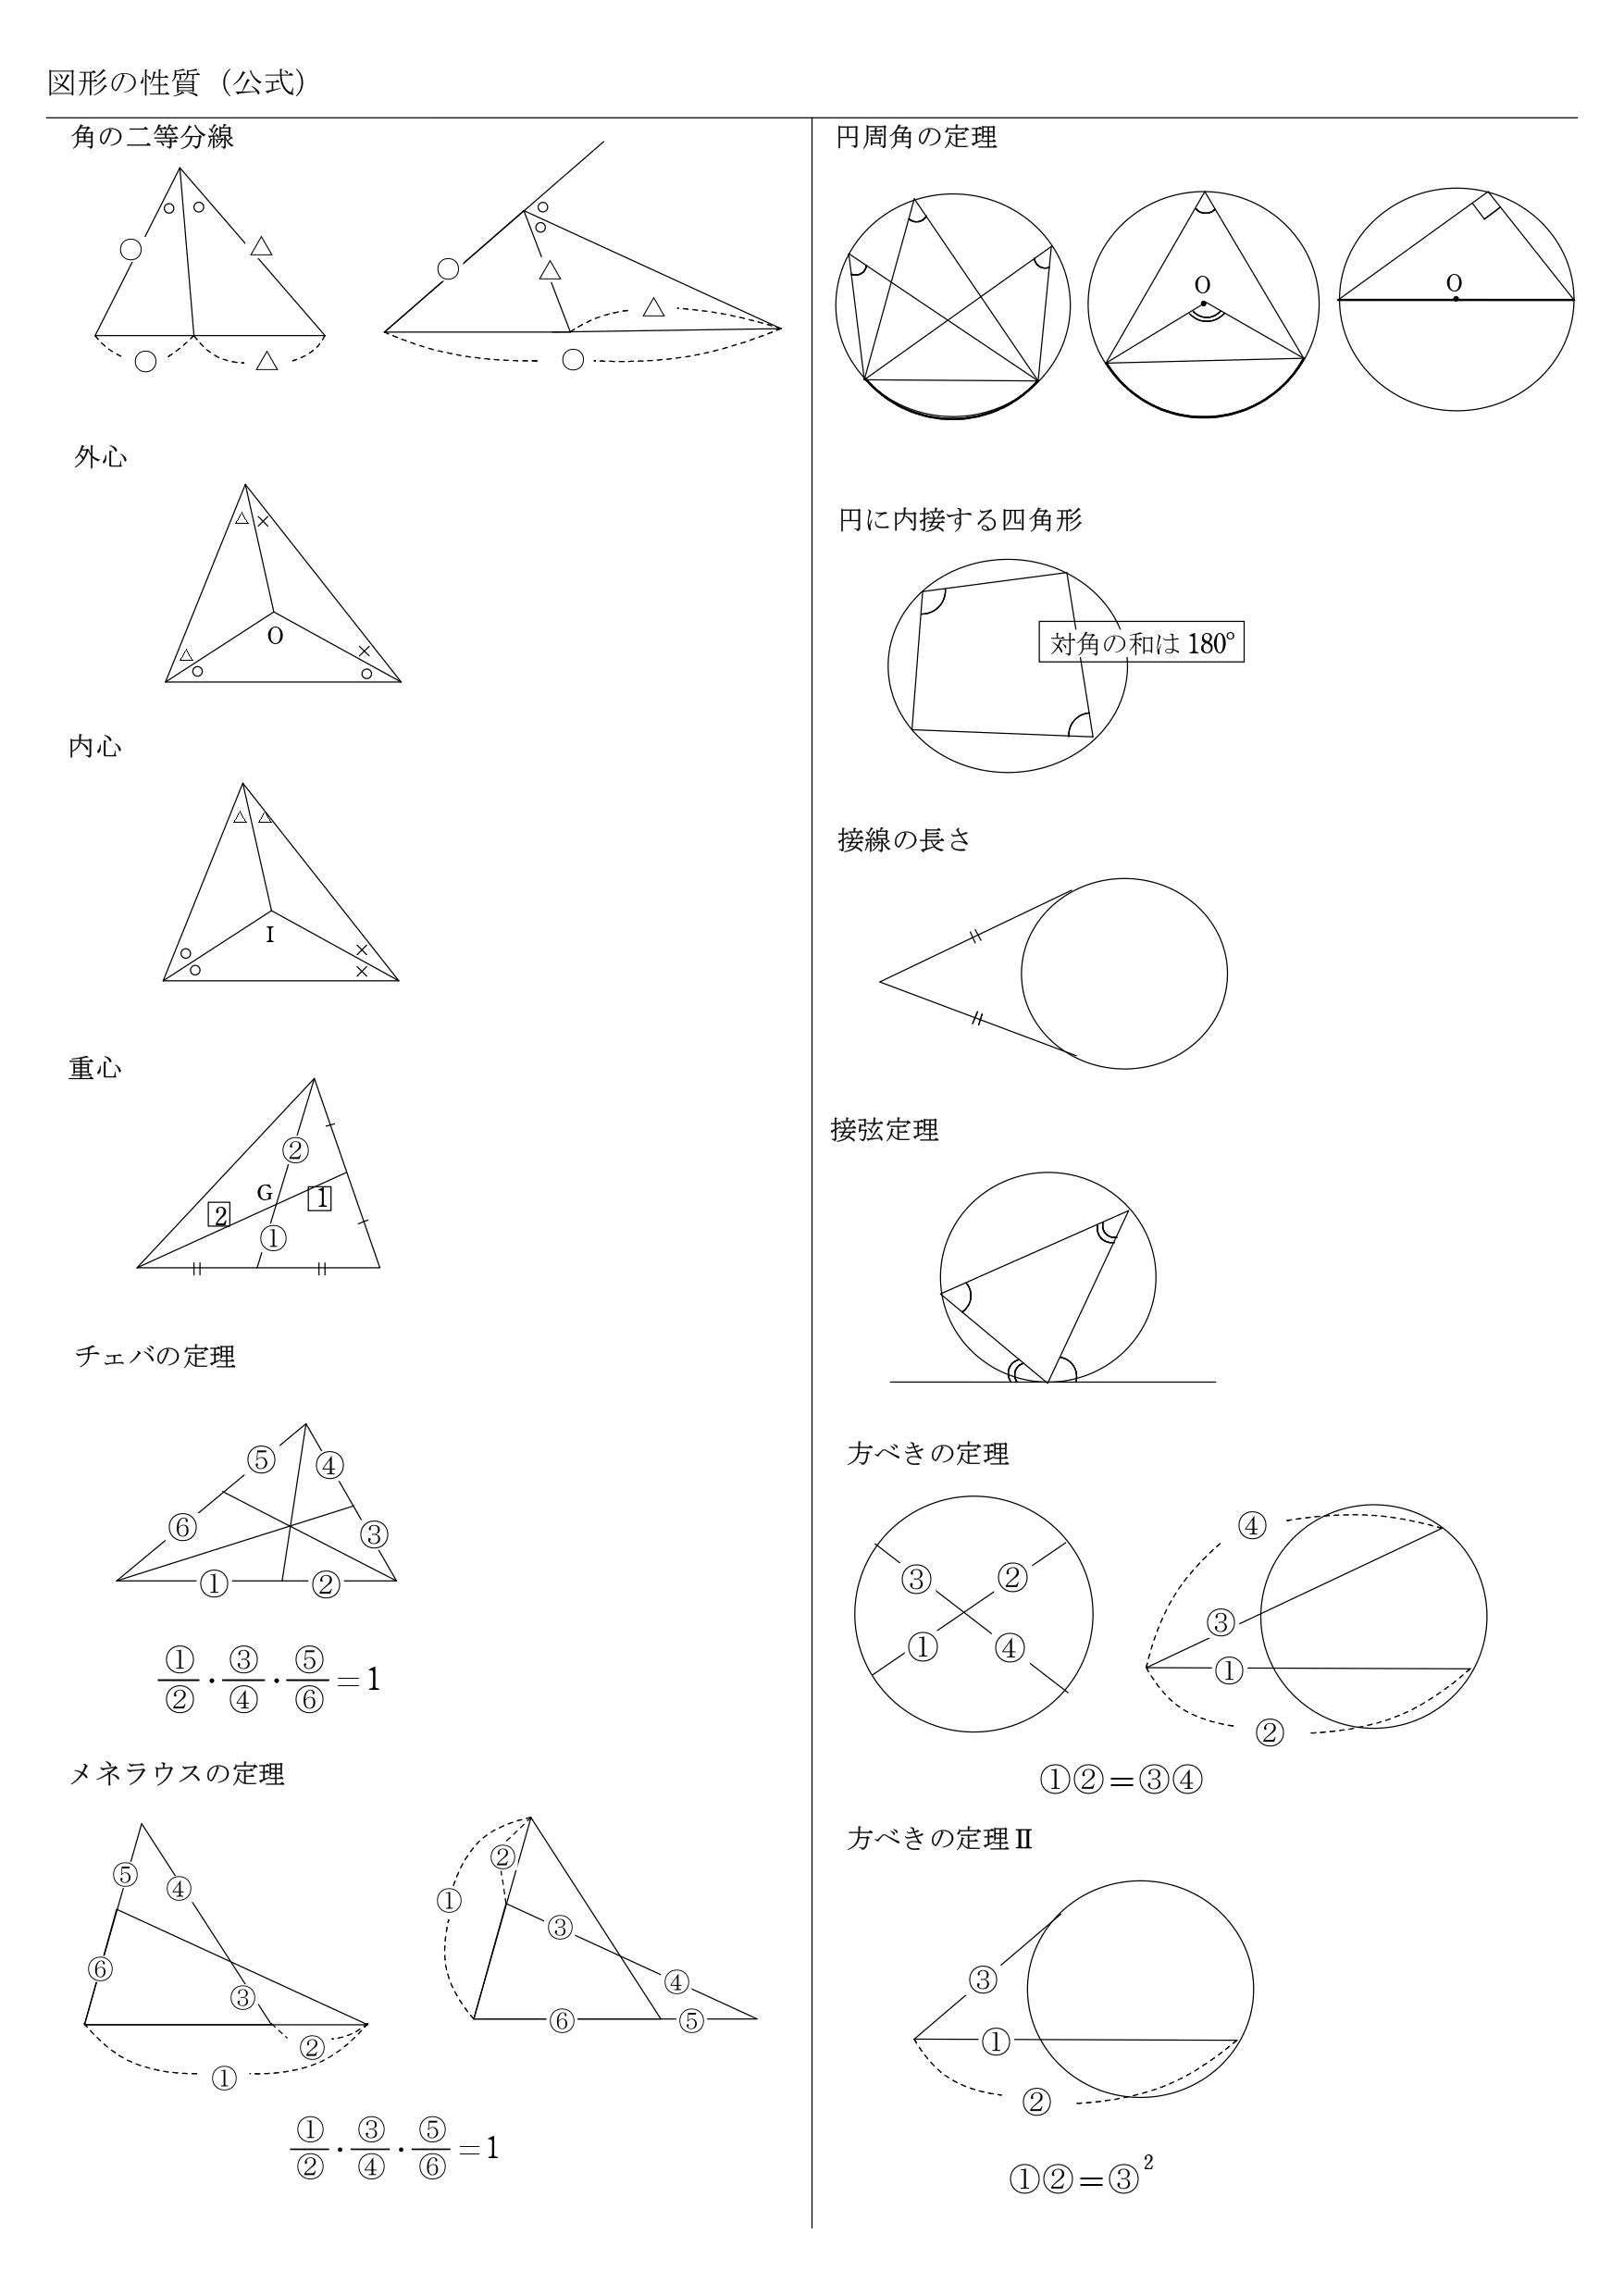 図形の性質 公式 一覧 まとめ